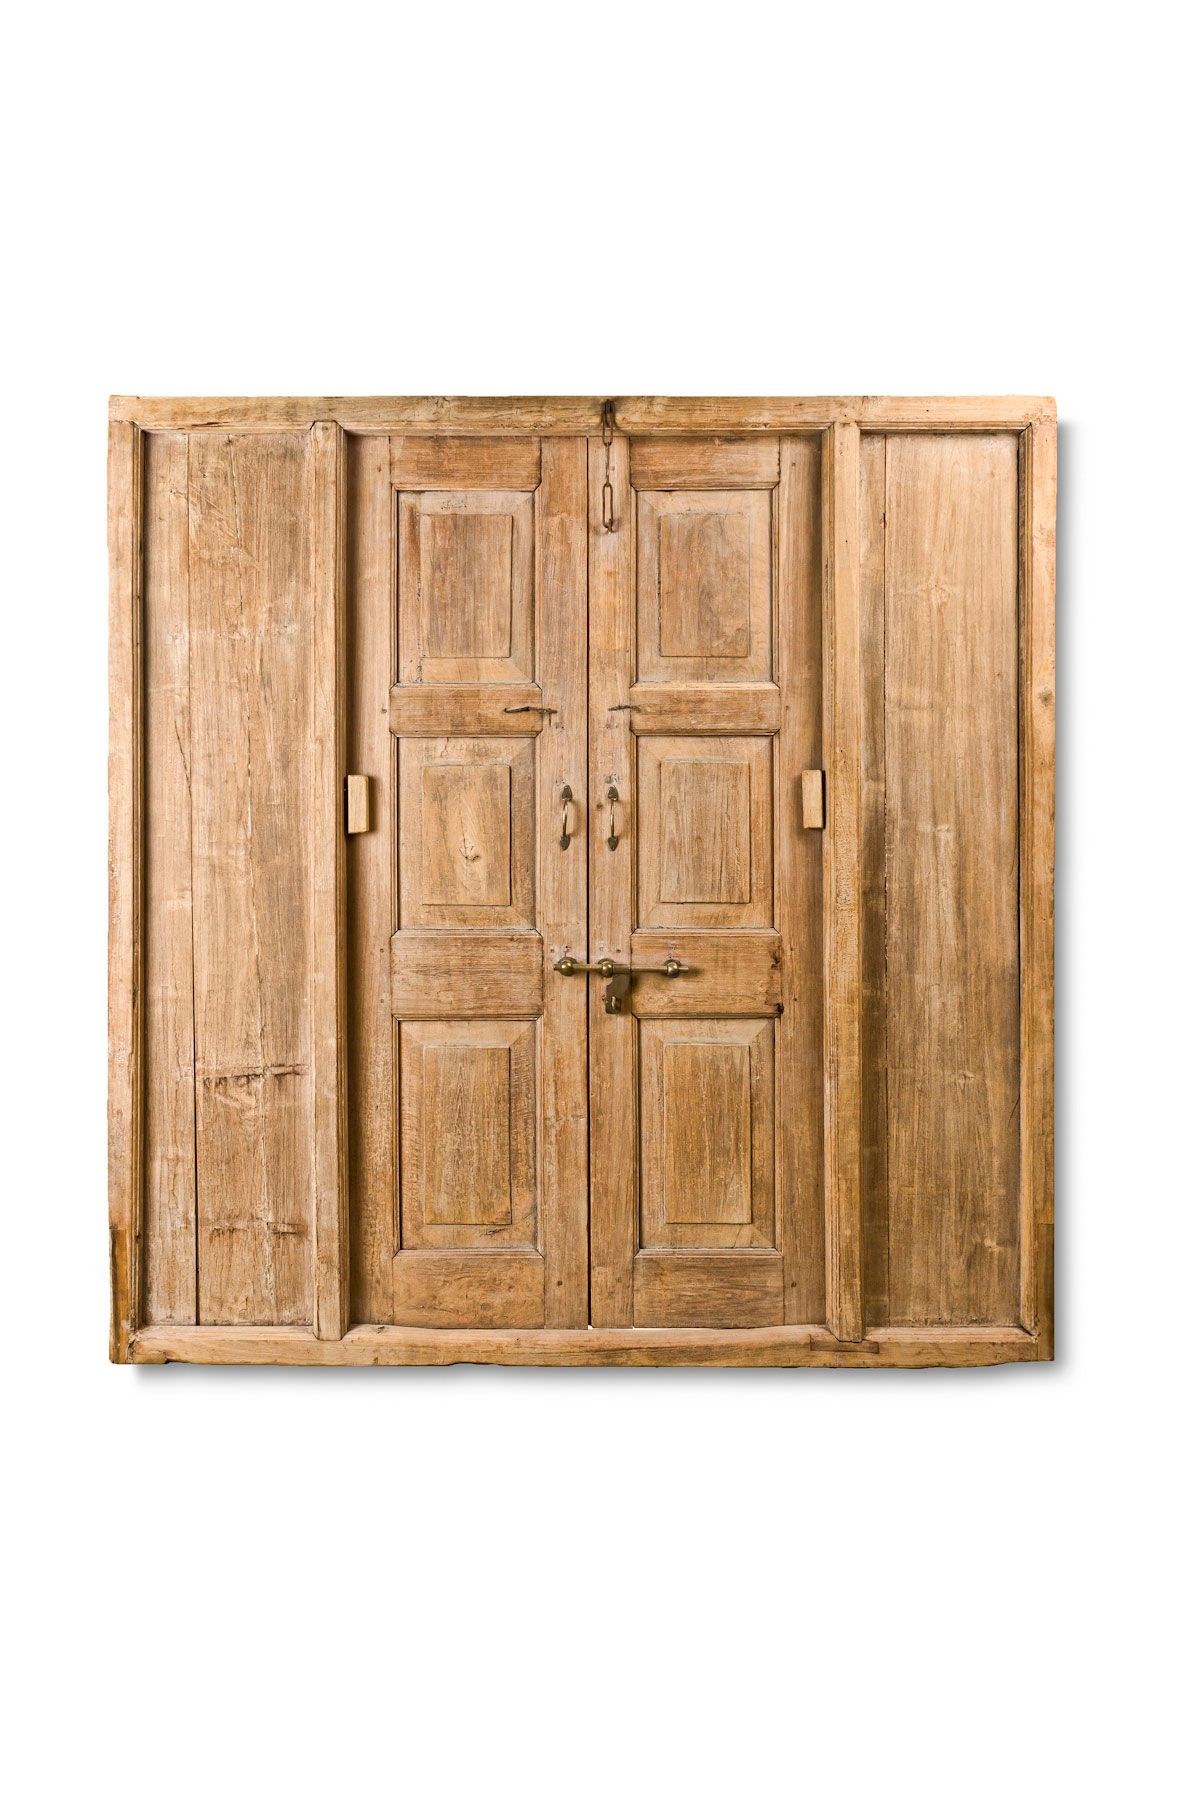 Traditional Indian Antique Wooden Door Indian Doors Wooden Doors